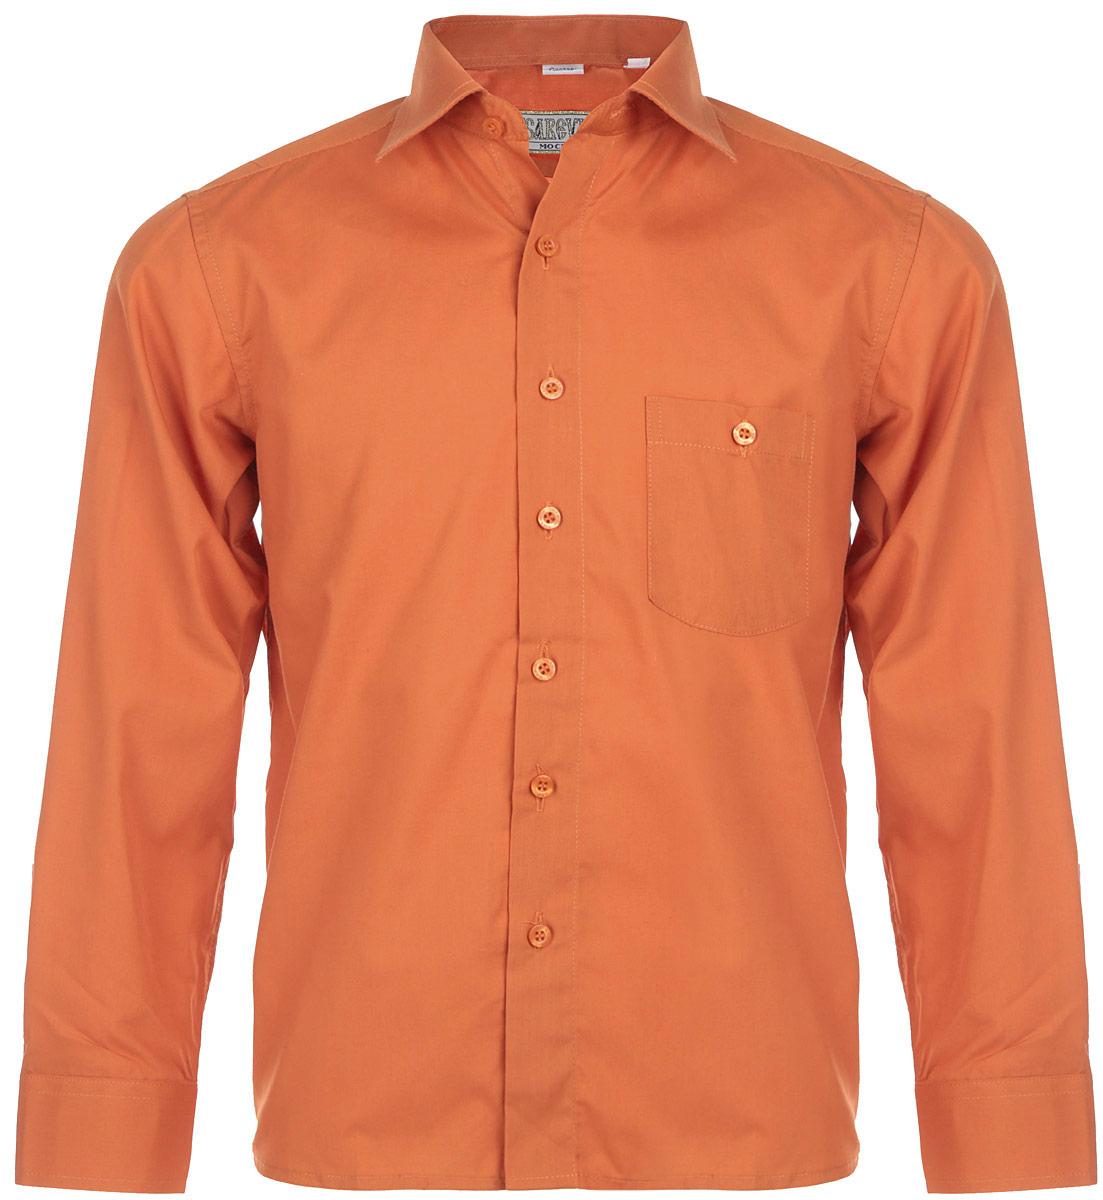 Рубашка для мальчика Tsarevich, цвет: темно-оранжевый. KR-68. Размер 31/134-140, 9-10 летKR-68Стильная рубашка для мальчика Tsarevich идеально подойдет вашему юному мужчине. Изготовленная из хлопка с добавлением полиэстера, она мягкая и приятная на ощупь, не сковывает движения и позволяет коже дышать, не раздражает даже самую нежную и чувствительную кожу ребенка, обеспечивая ему наибольший комфорт. Модель классического кроя с длинными рукавами и отложным воротничком застегивается по всей длине на пуговицы. На груди располагается накладной карман на пуговице. Края рукавов дополнены широкими манжетами на пуговицах. Такая рубашка будет прекрасно смотреться с брюками и джинсами. Она станет неотъемлемой частью детского гардероба.